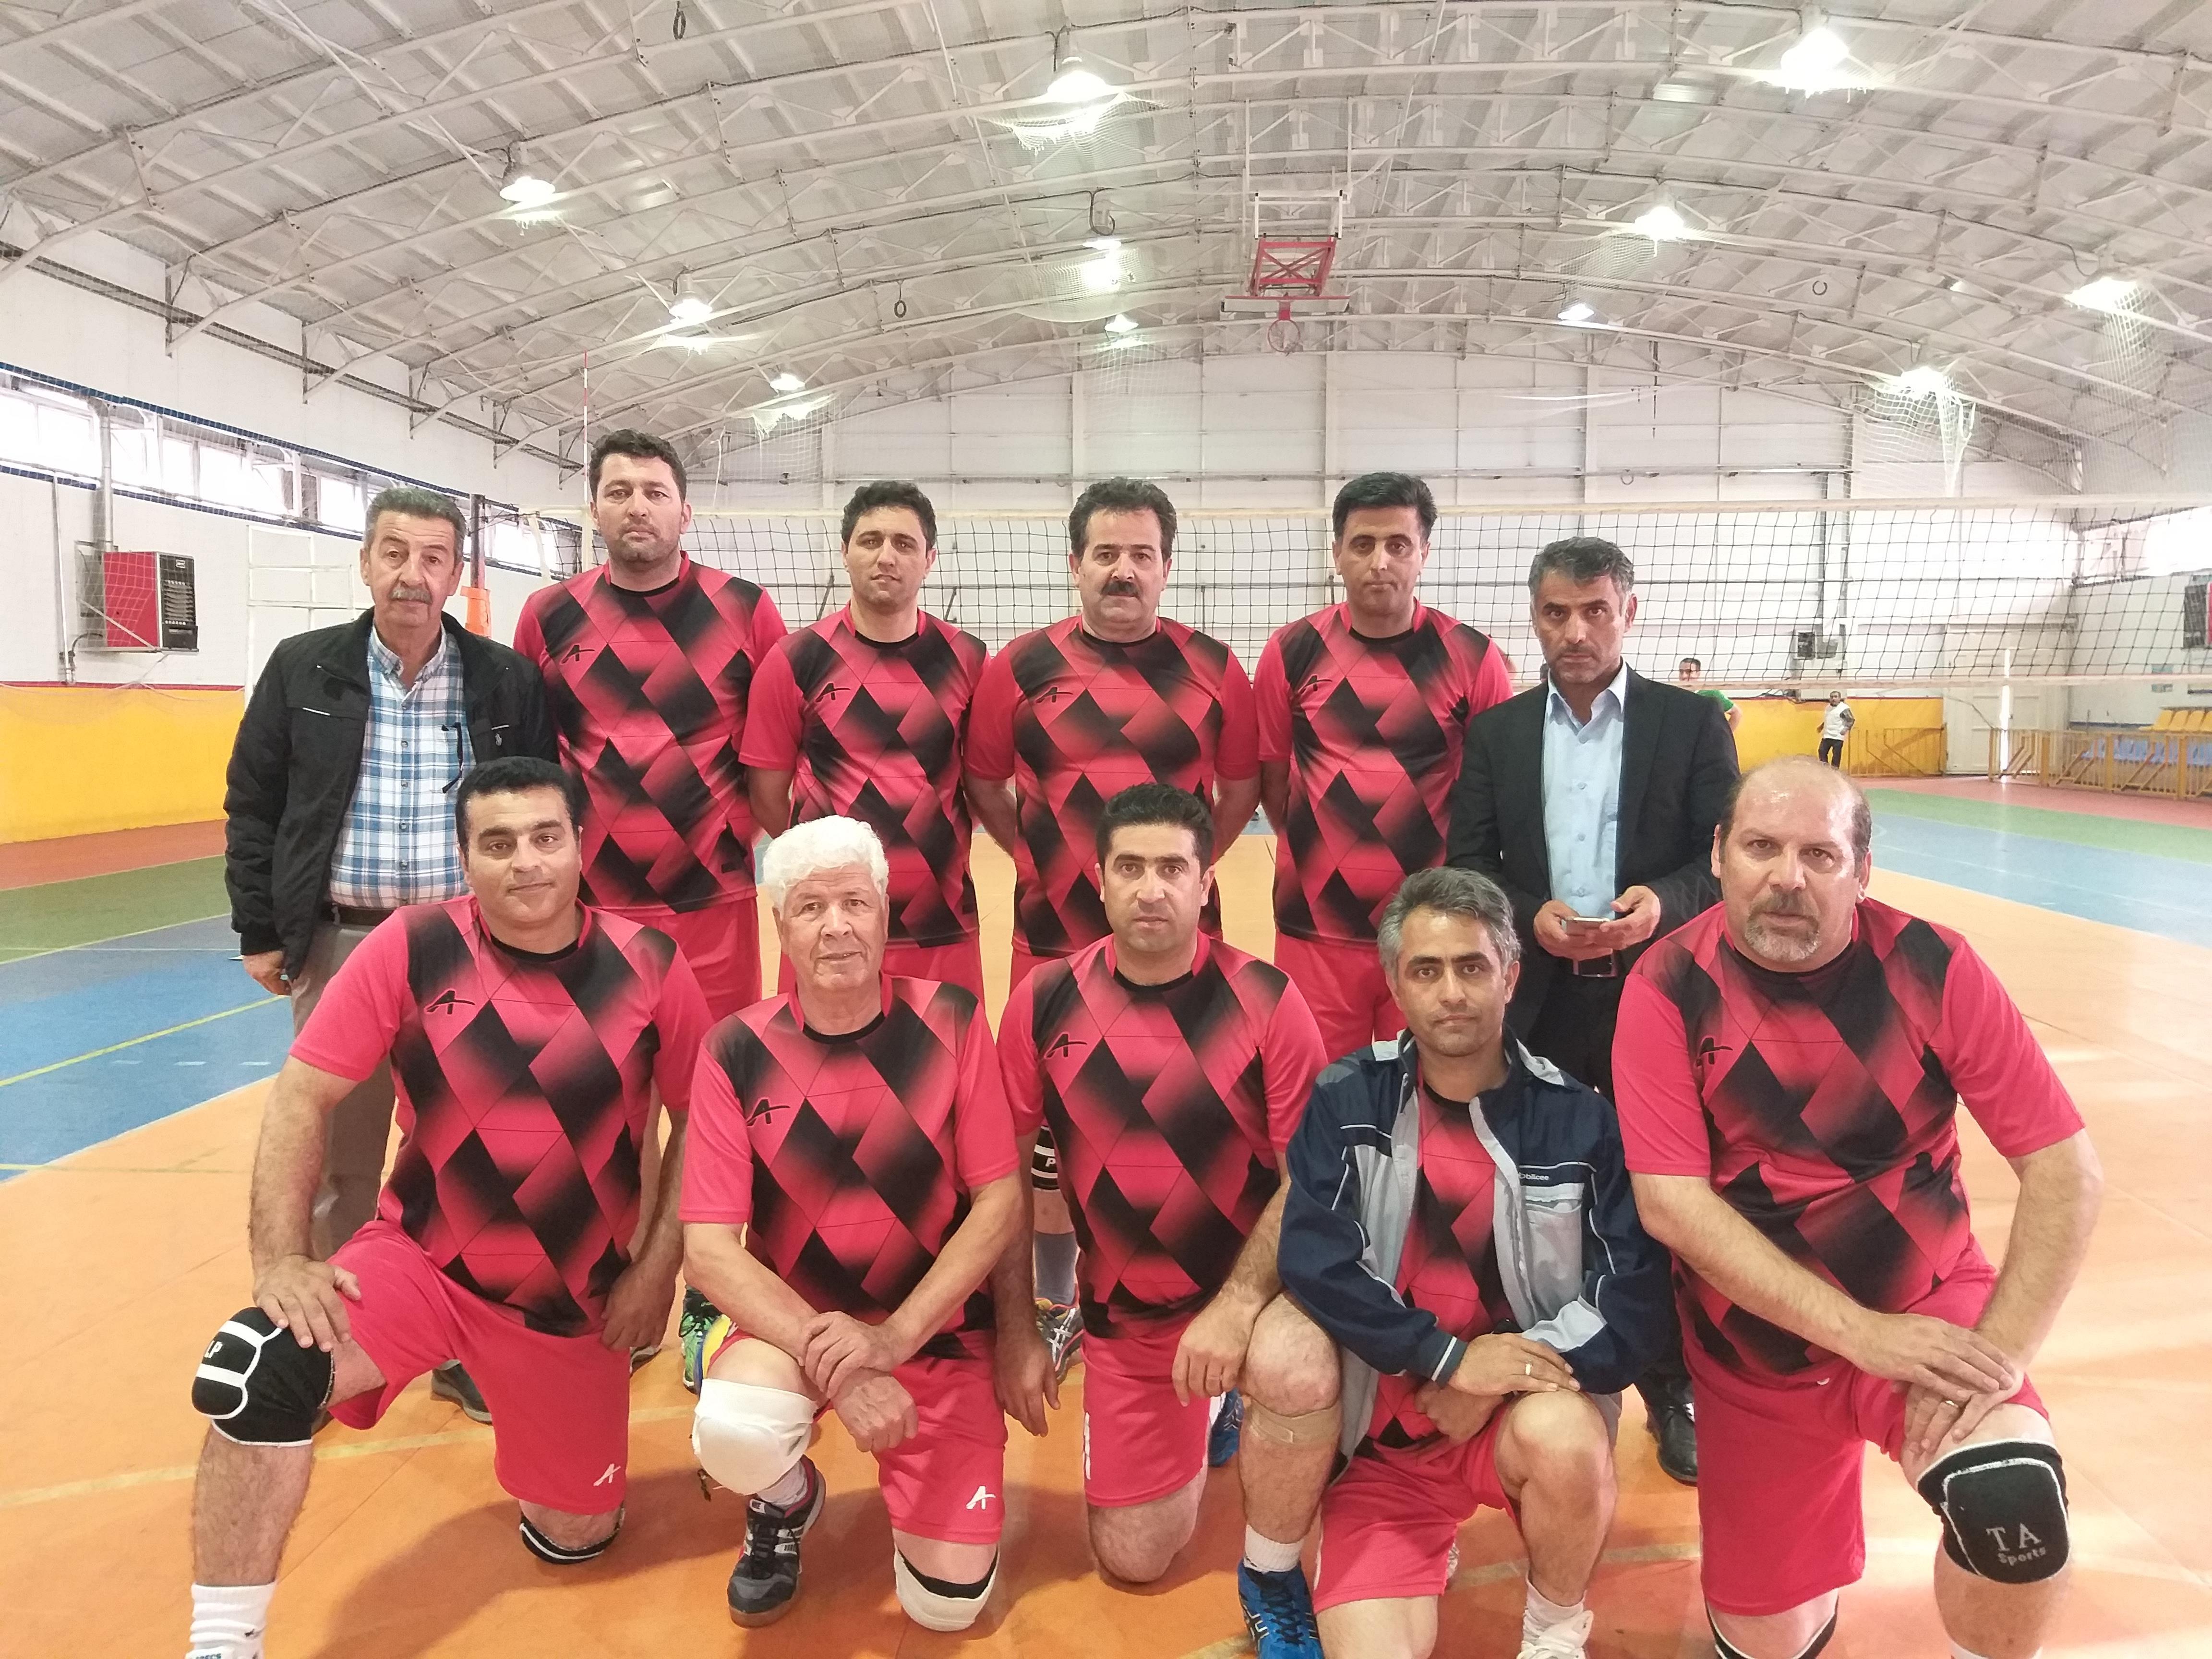 مسابقات والیبال شرکت آب و فاضلاب آذربایجان شرقی به مناسبت گرامیداشت هفته دفاع مقدس پایان یافت